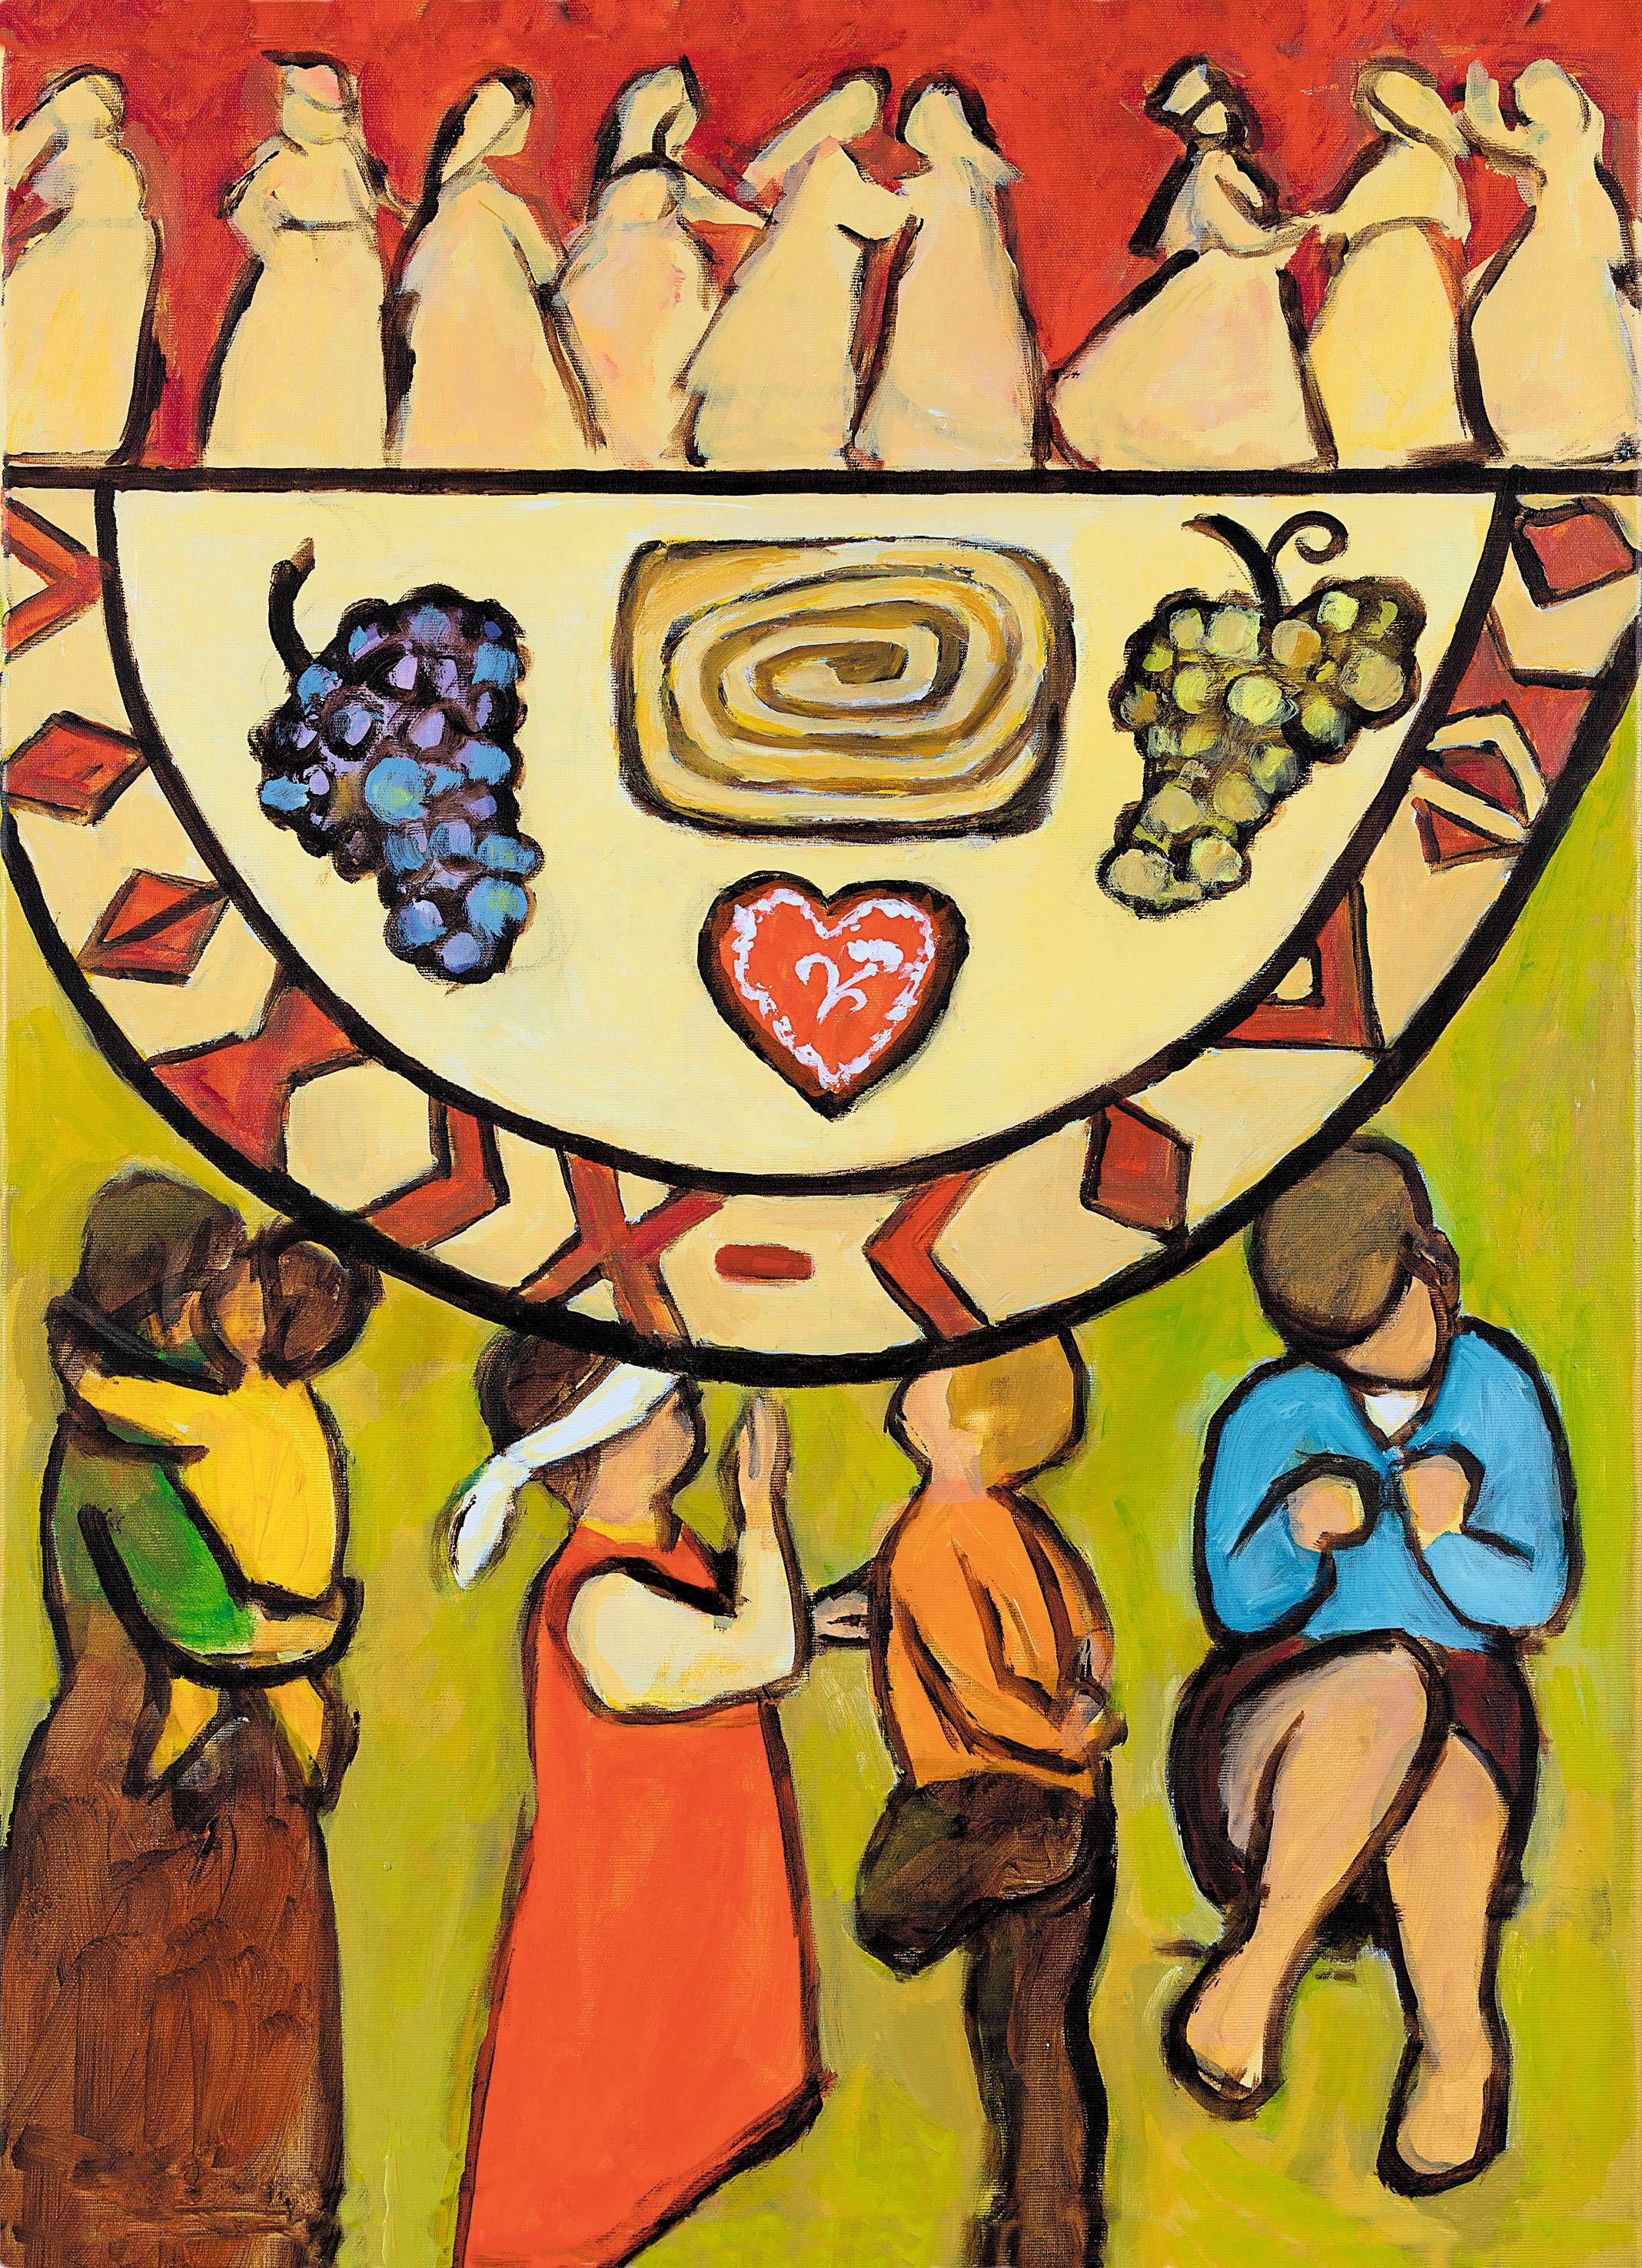 Das Titelbild zum Weltgebetstag der Frauen stammt von der slowenischen Künstlerin Rezka Arnuš.